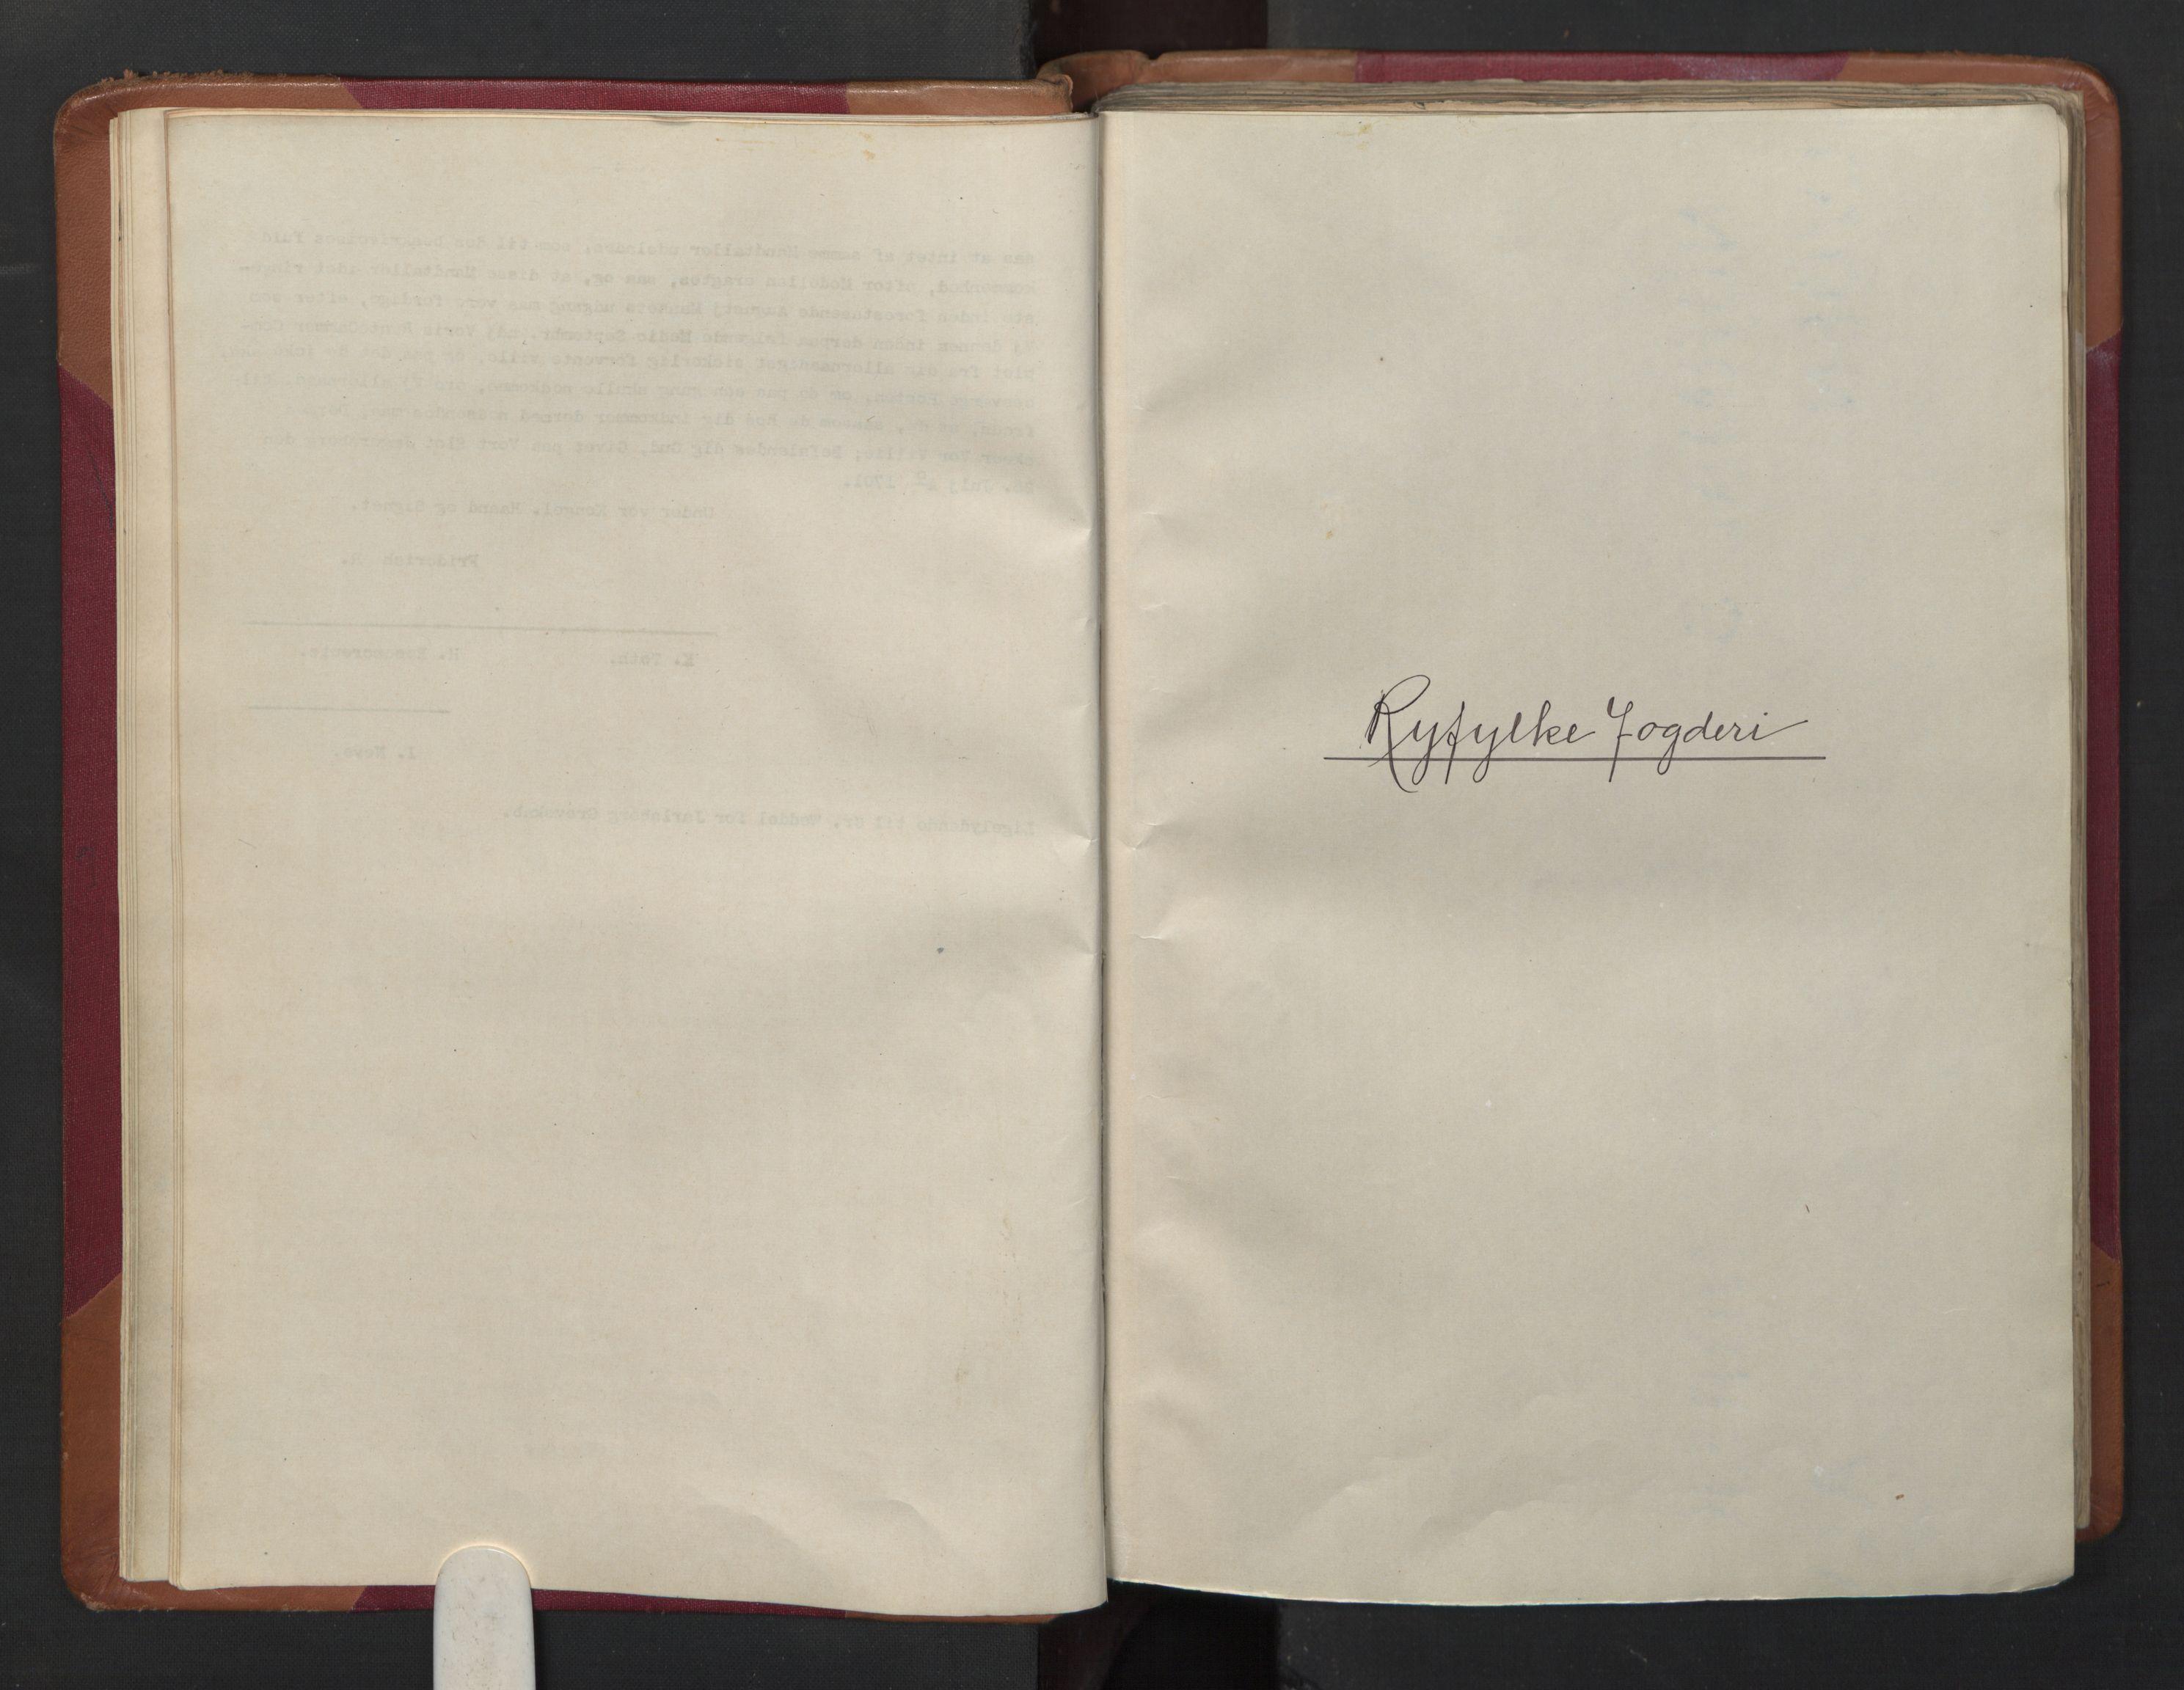 RA, Manntallet 1701, nr. 5: Ryfylke fogderi, 1701, s. upaginert